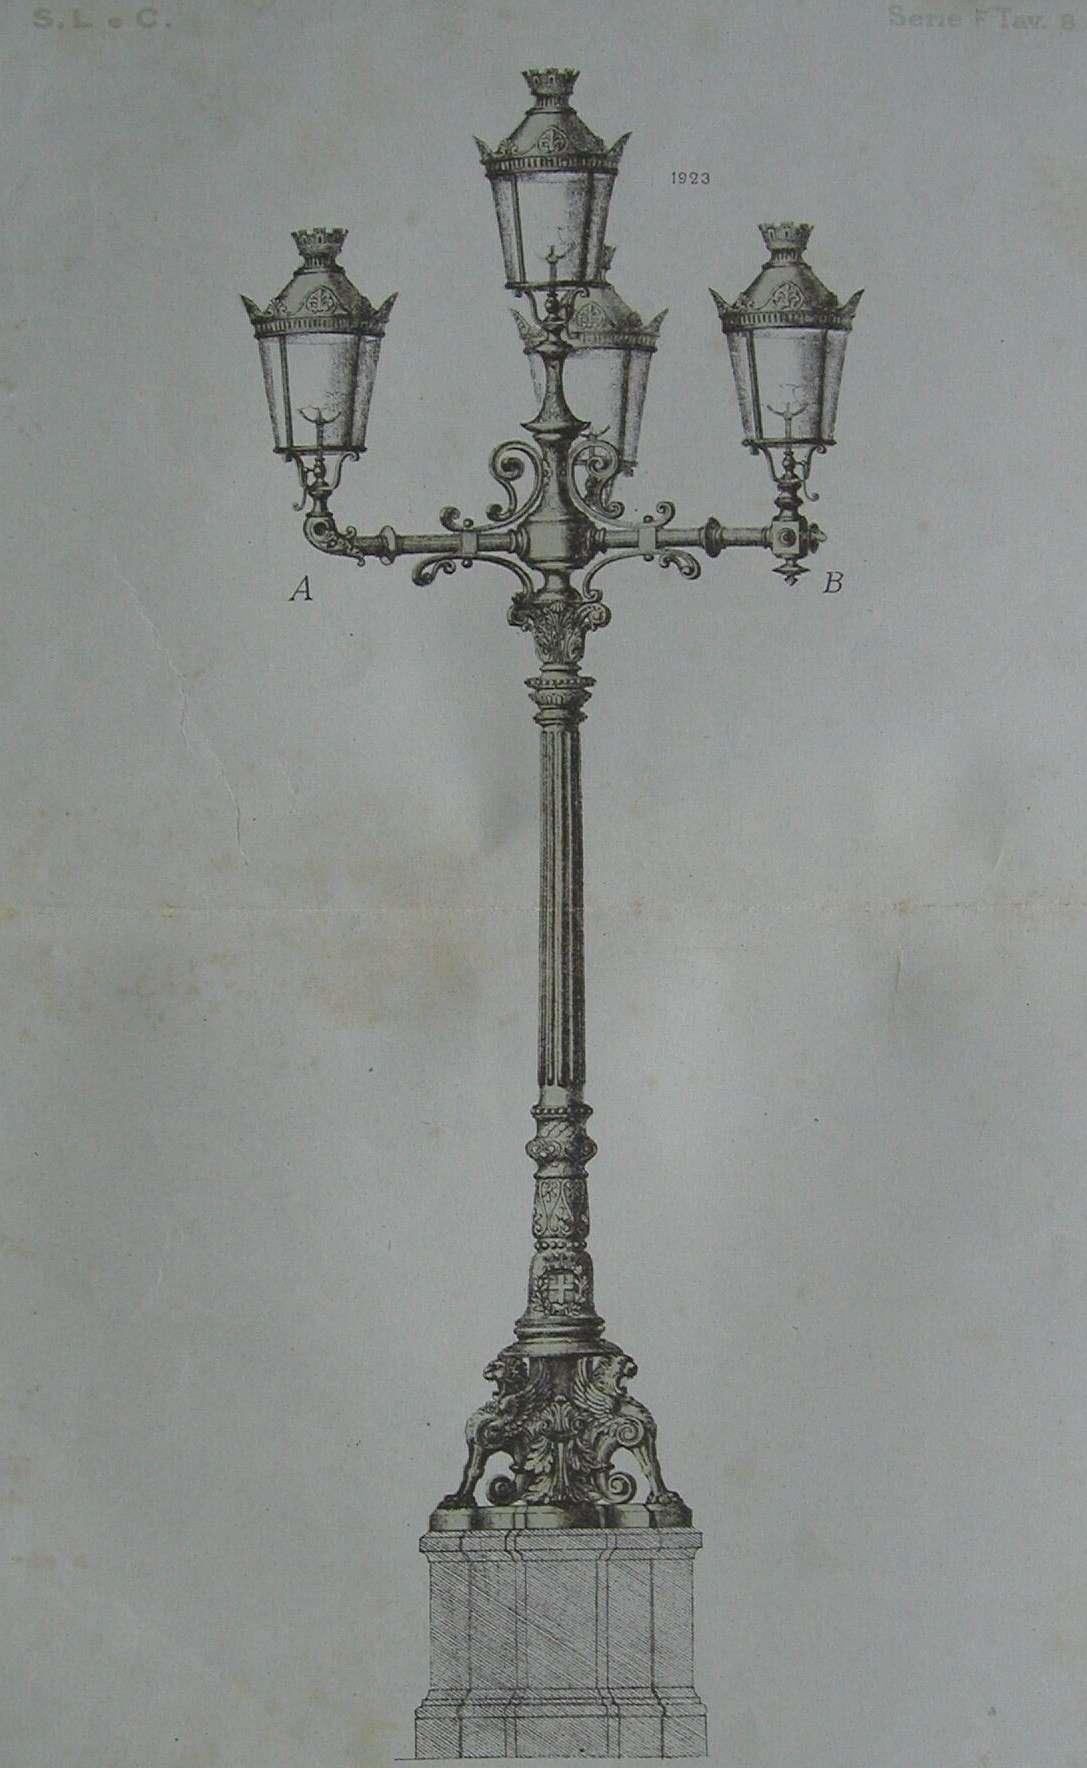 Disegno di uno dei quattro candelabri che illuminavano il cortile dell'Istituto Nazionale per le Figlie dei Militari di Torino